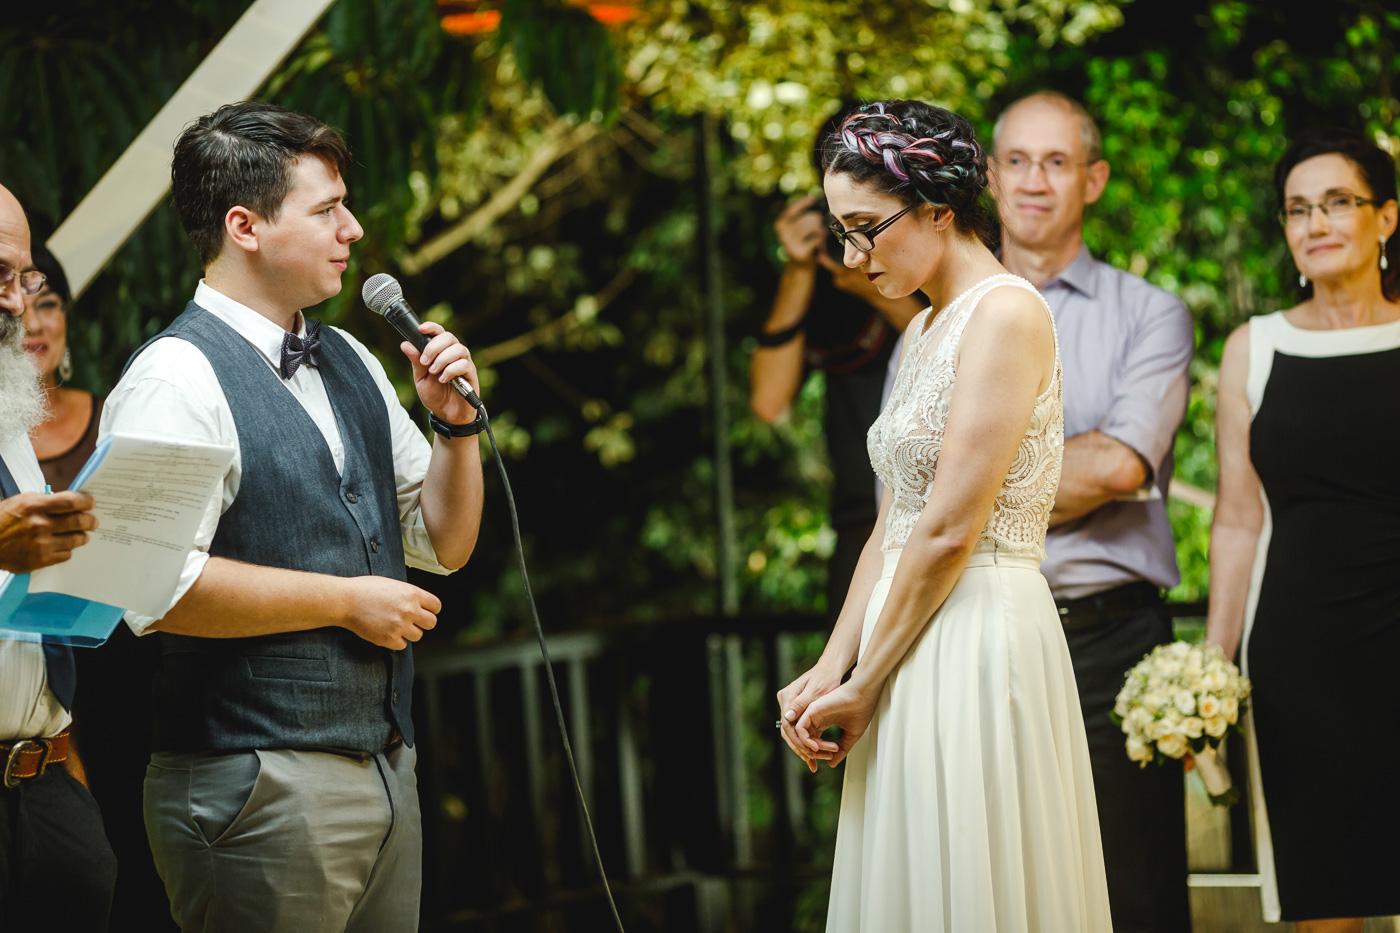 Leore & Yiftach wedding_0558.jpg